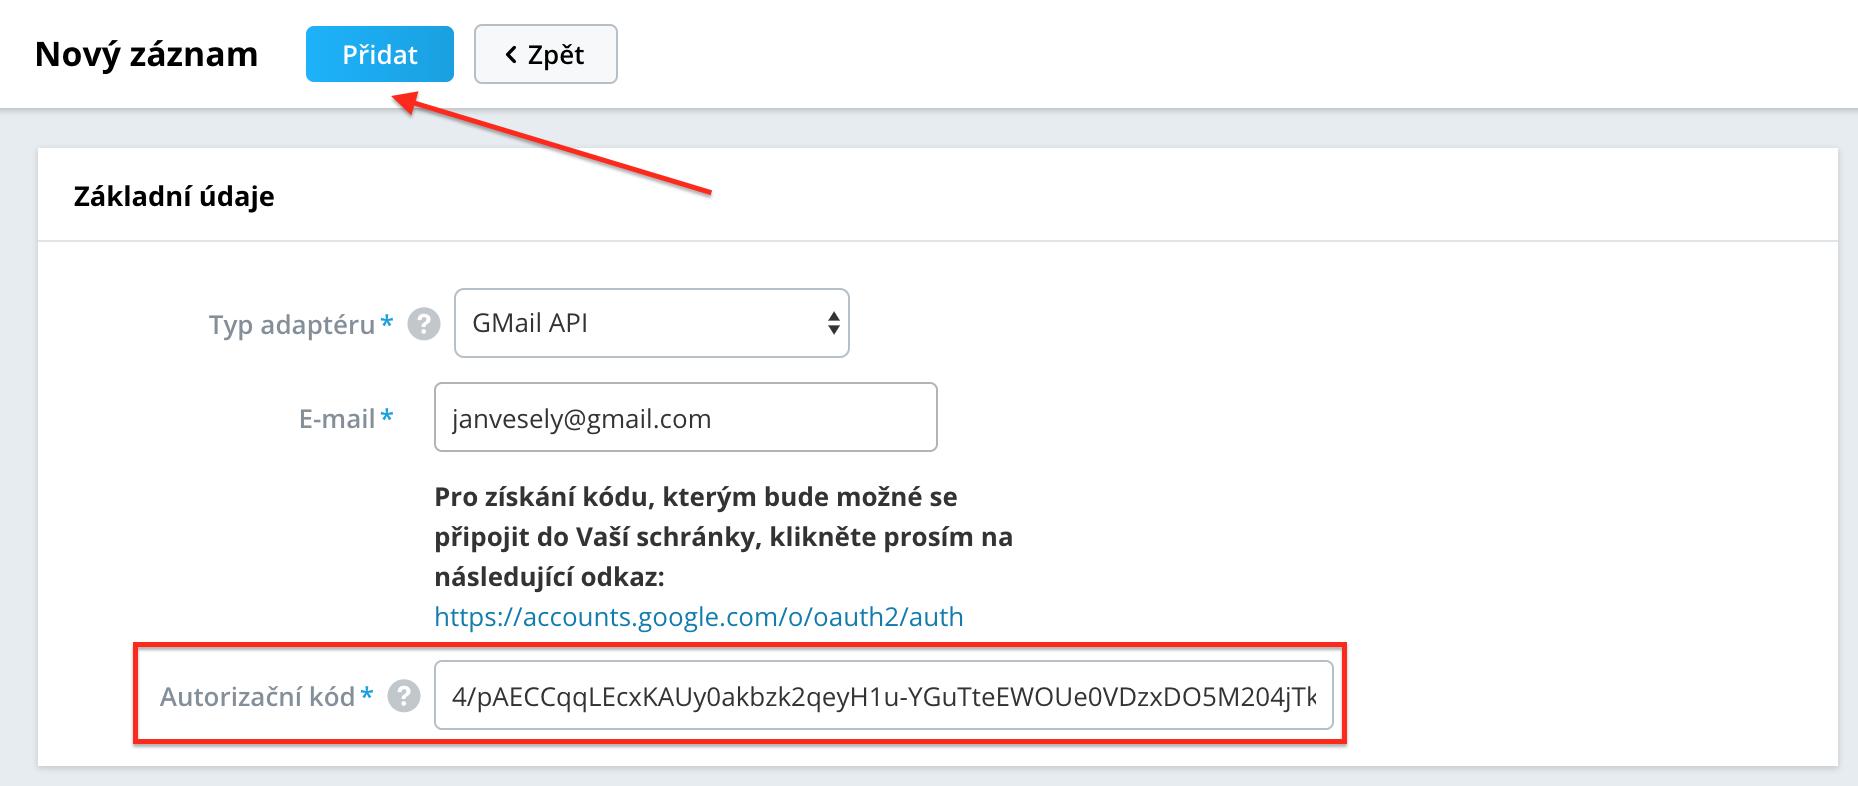 Připojit e-mail